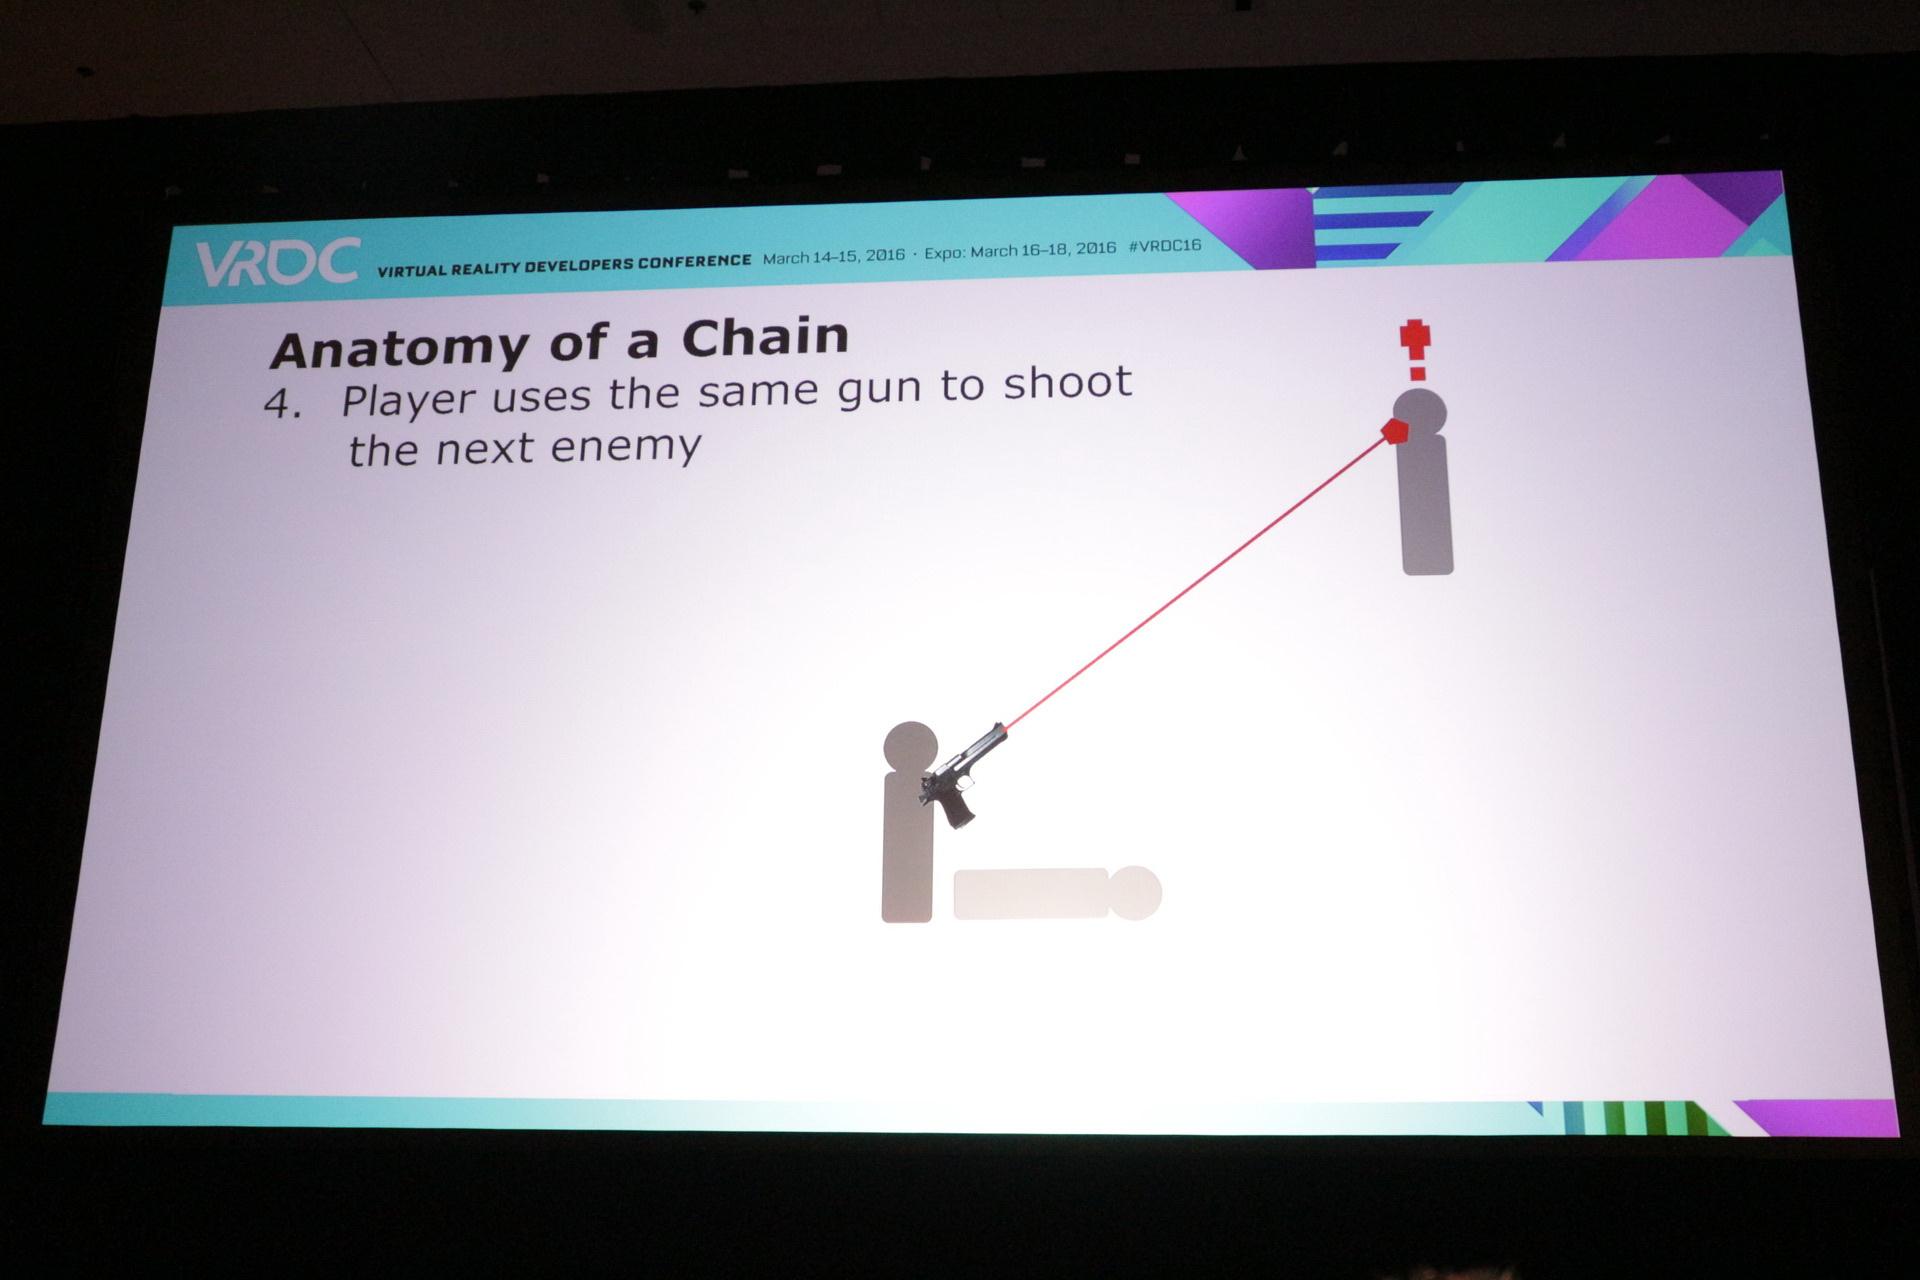 倒した敵の銃を奪って次の敵を倒す、連鎖型のゲームプレイ